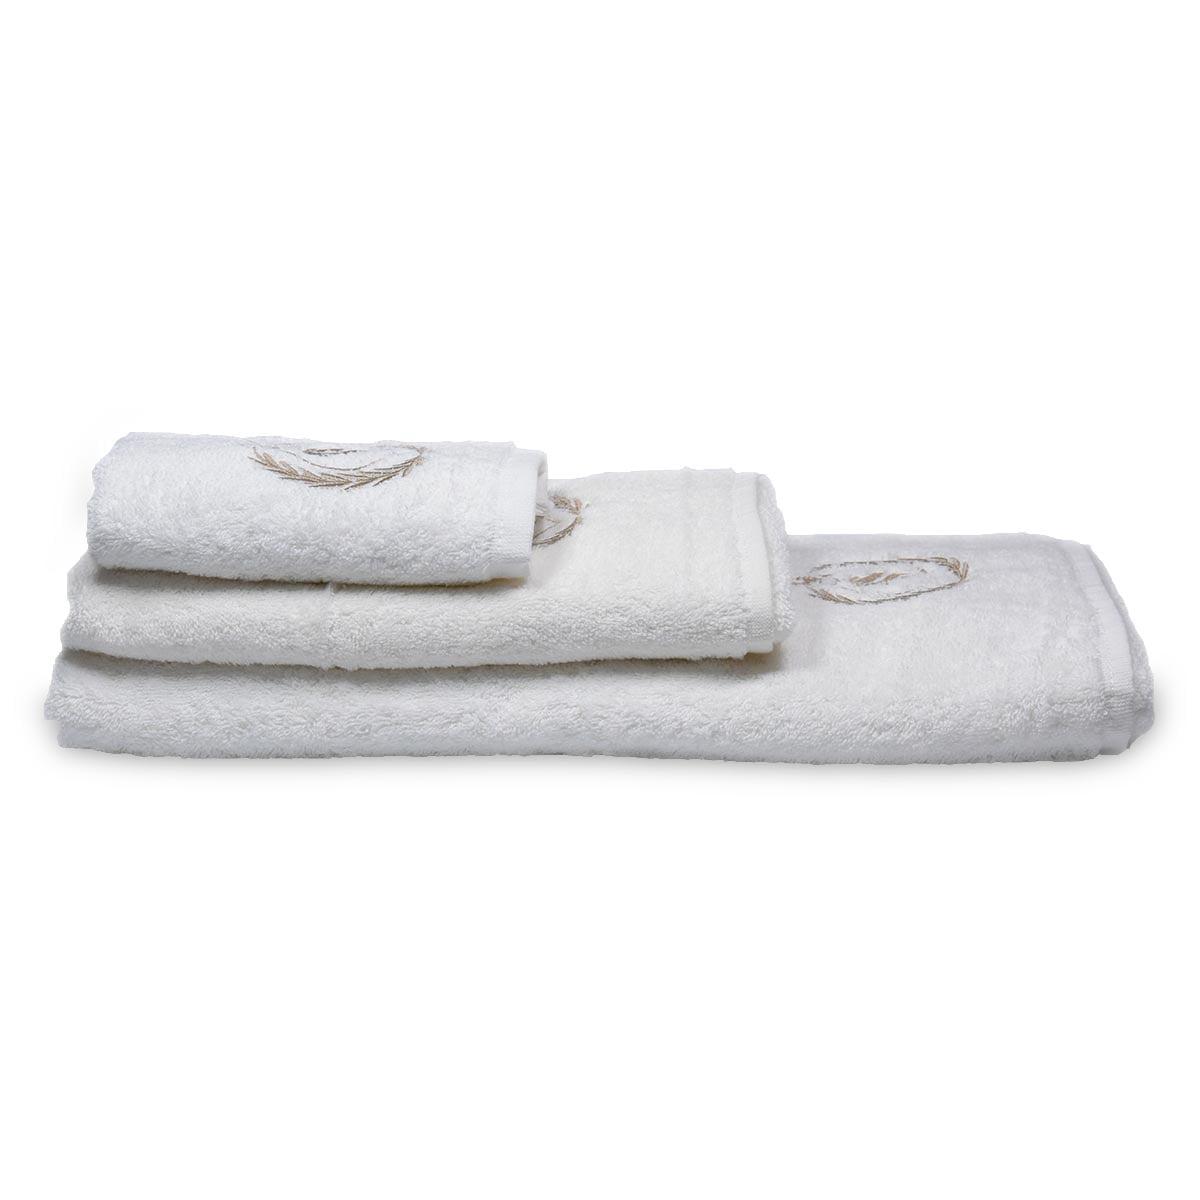 Set luksuznih peškira za lice, ruke i telo 500 g/m² - Ritz tri peškira